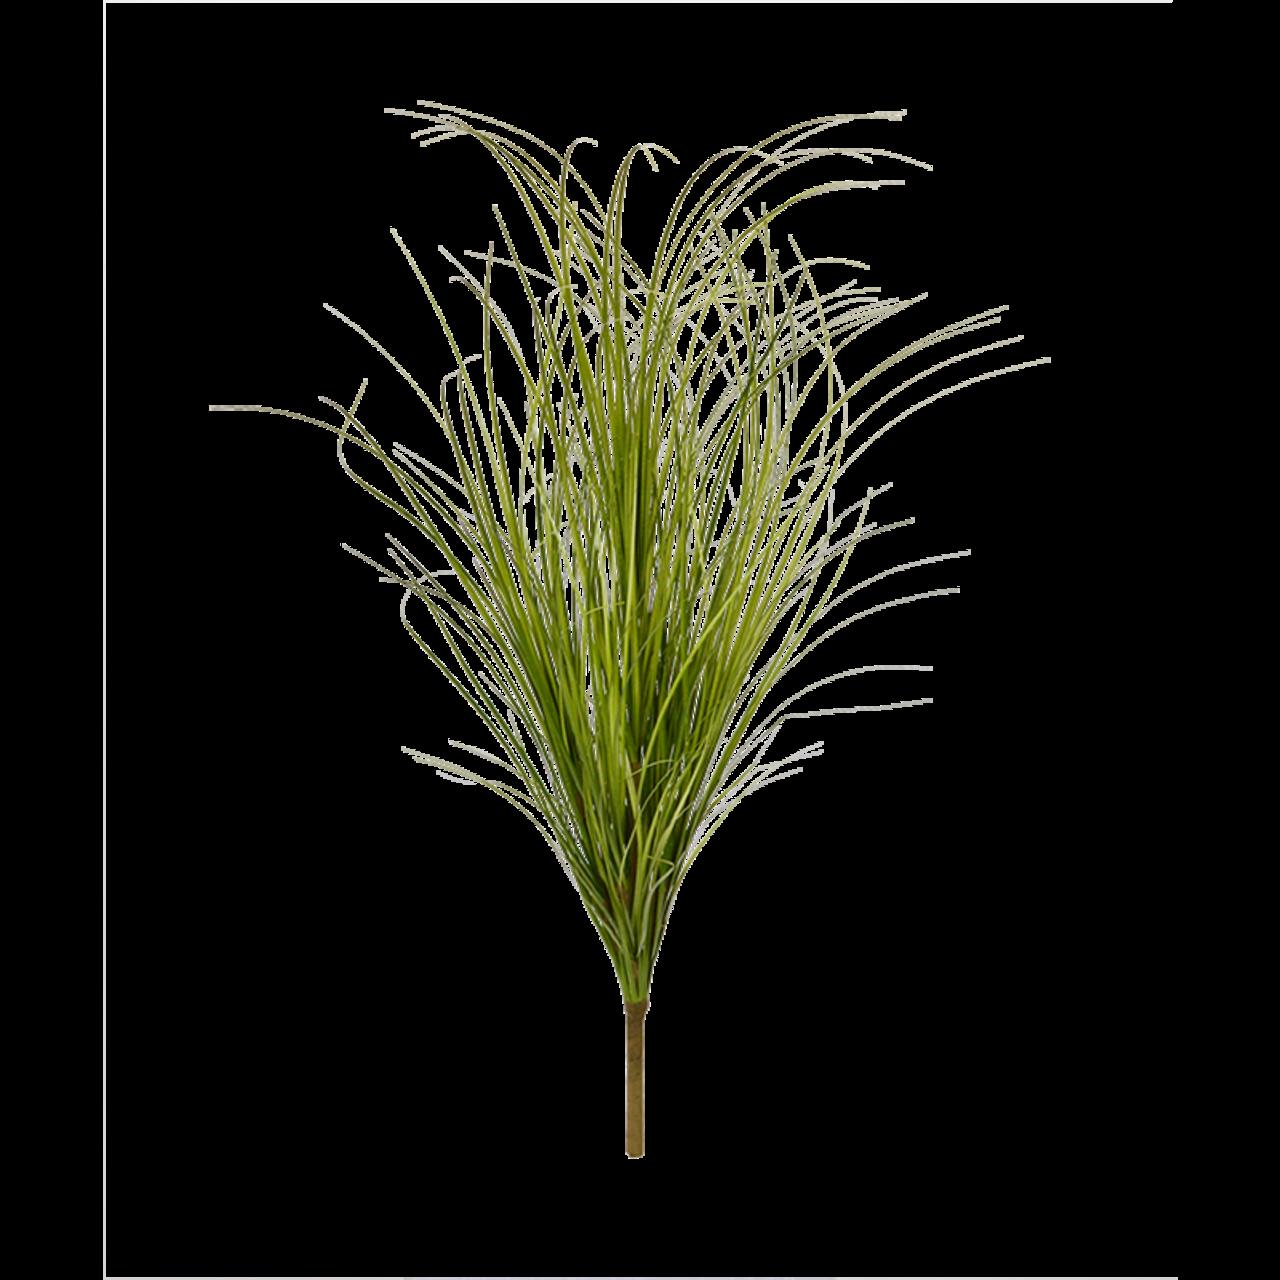 Kunst Grasboeket 60 cm wide groen